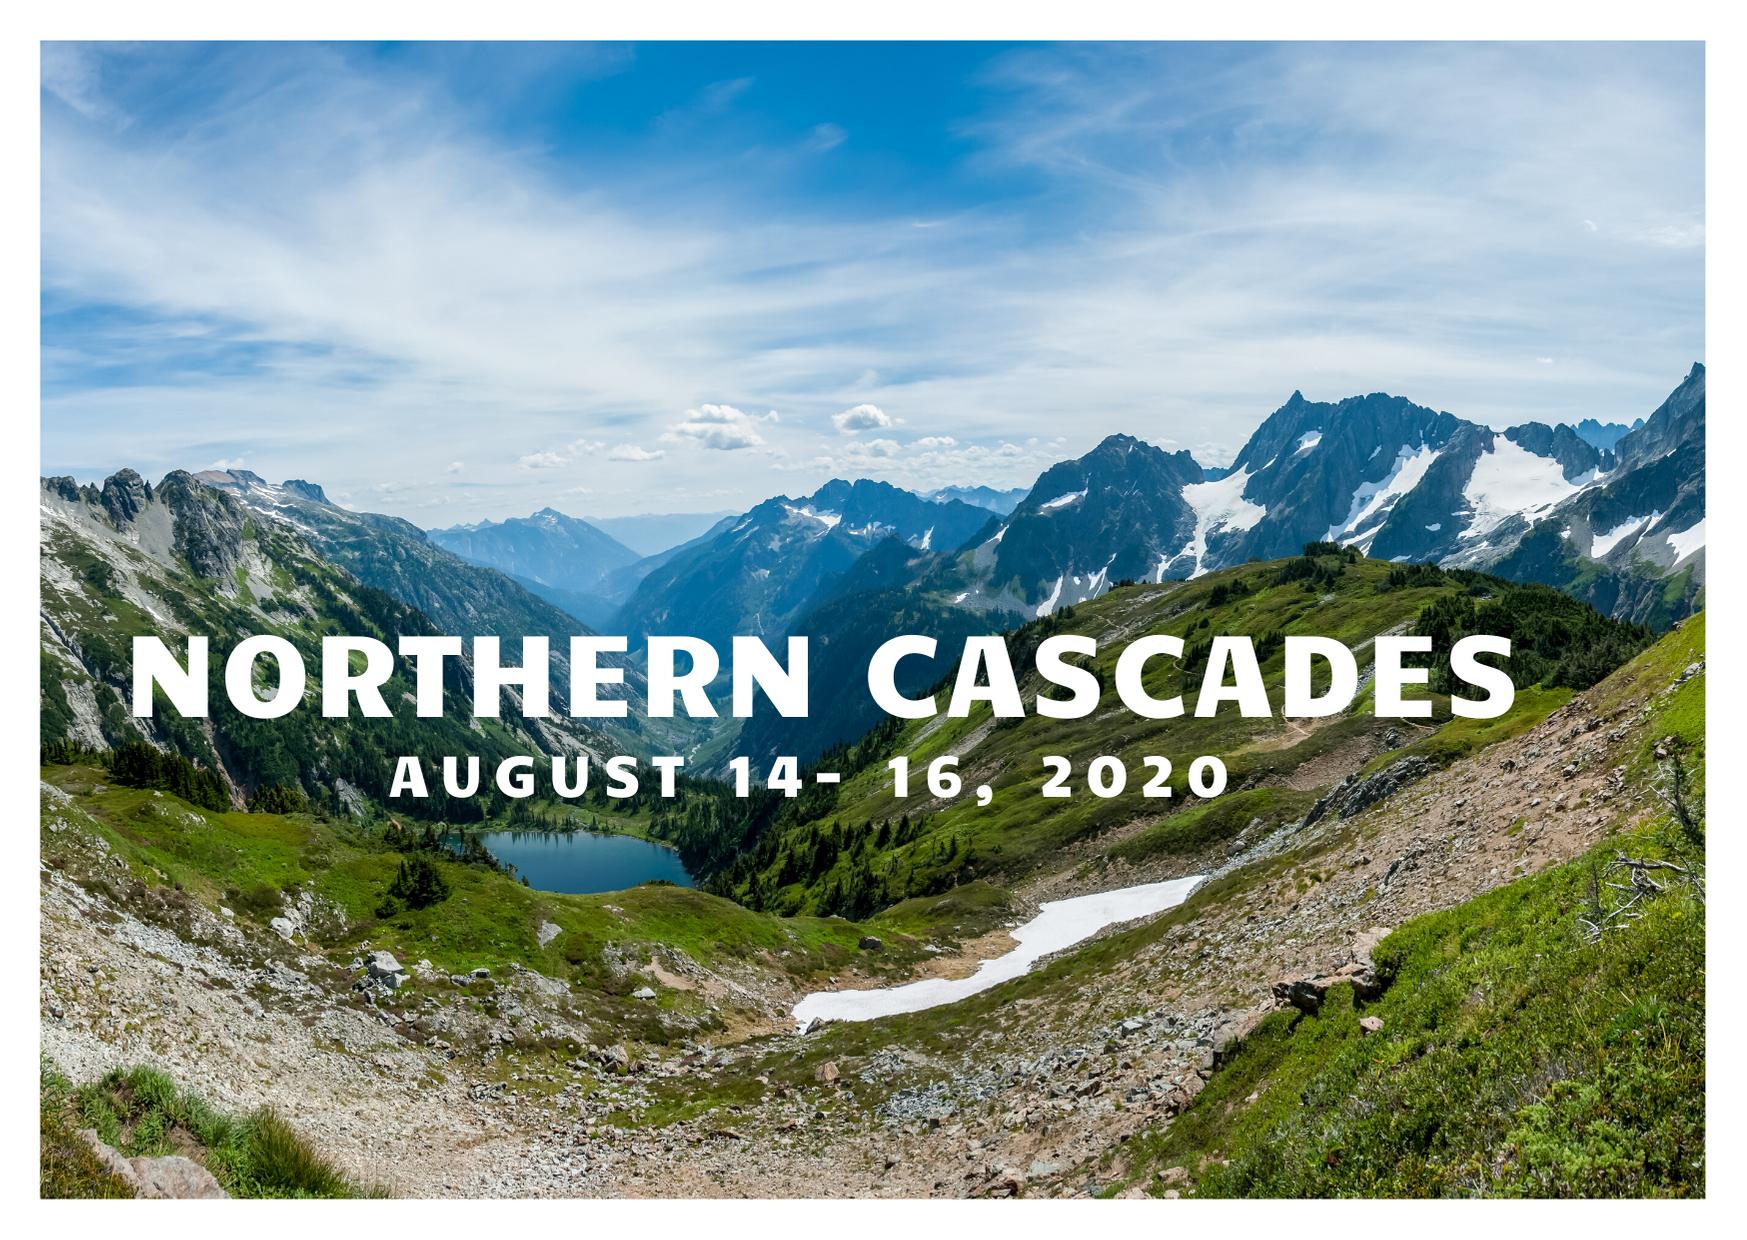 Northern Casacades